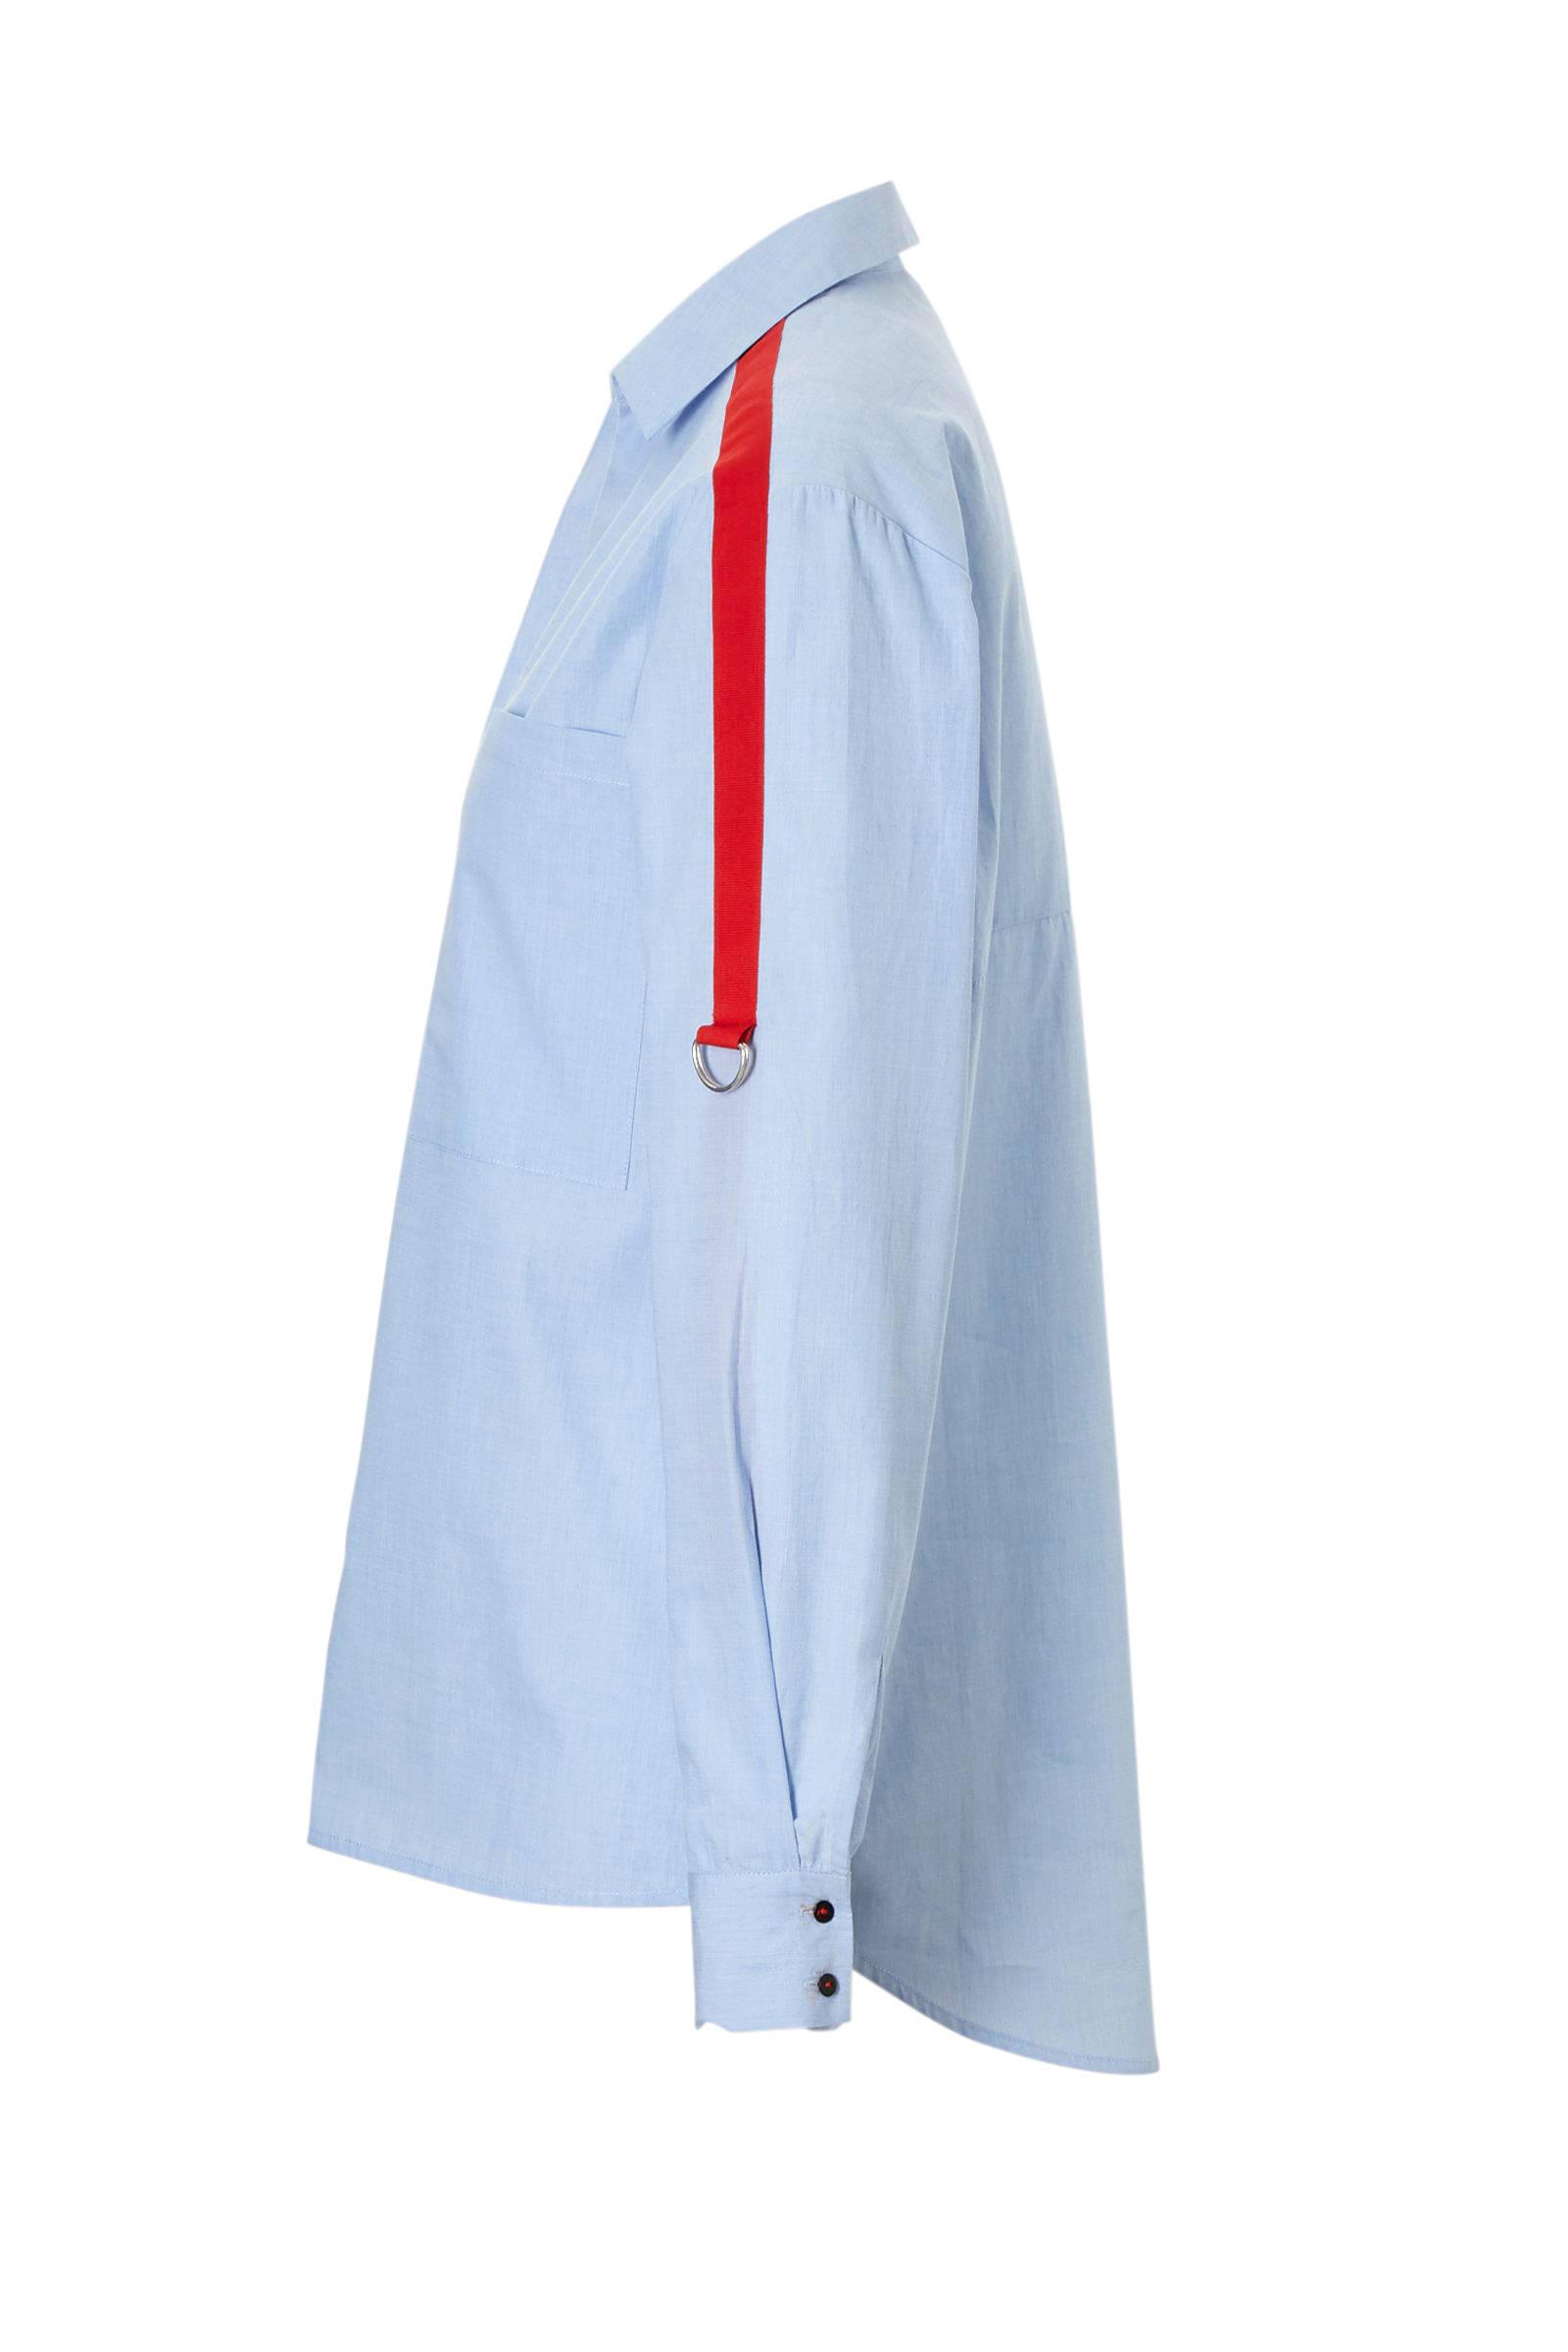 FREEQUENT FREEQUENT blauw blouse blouse blouse blauw FREEQUENT 1F1Iwqz